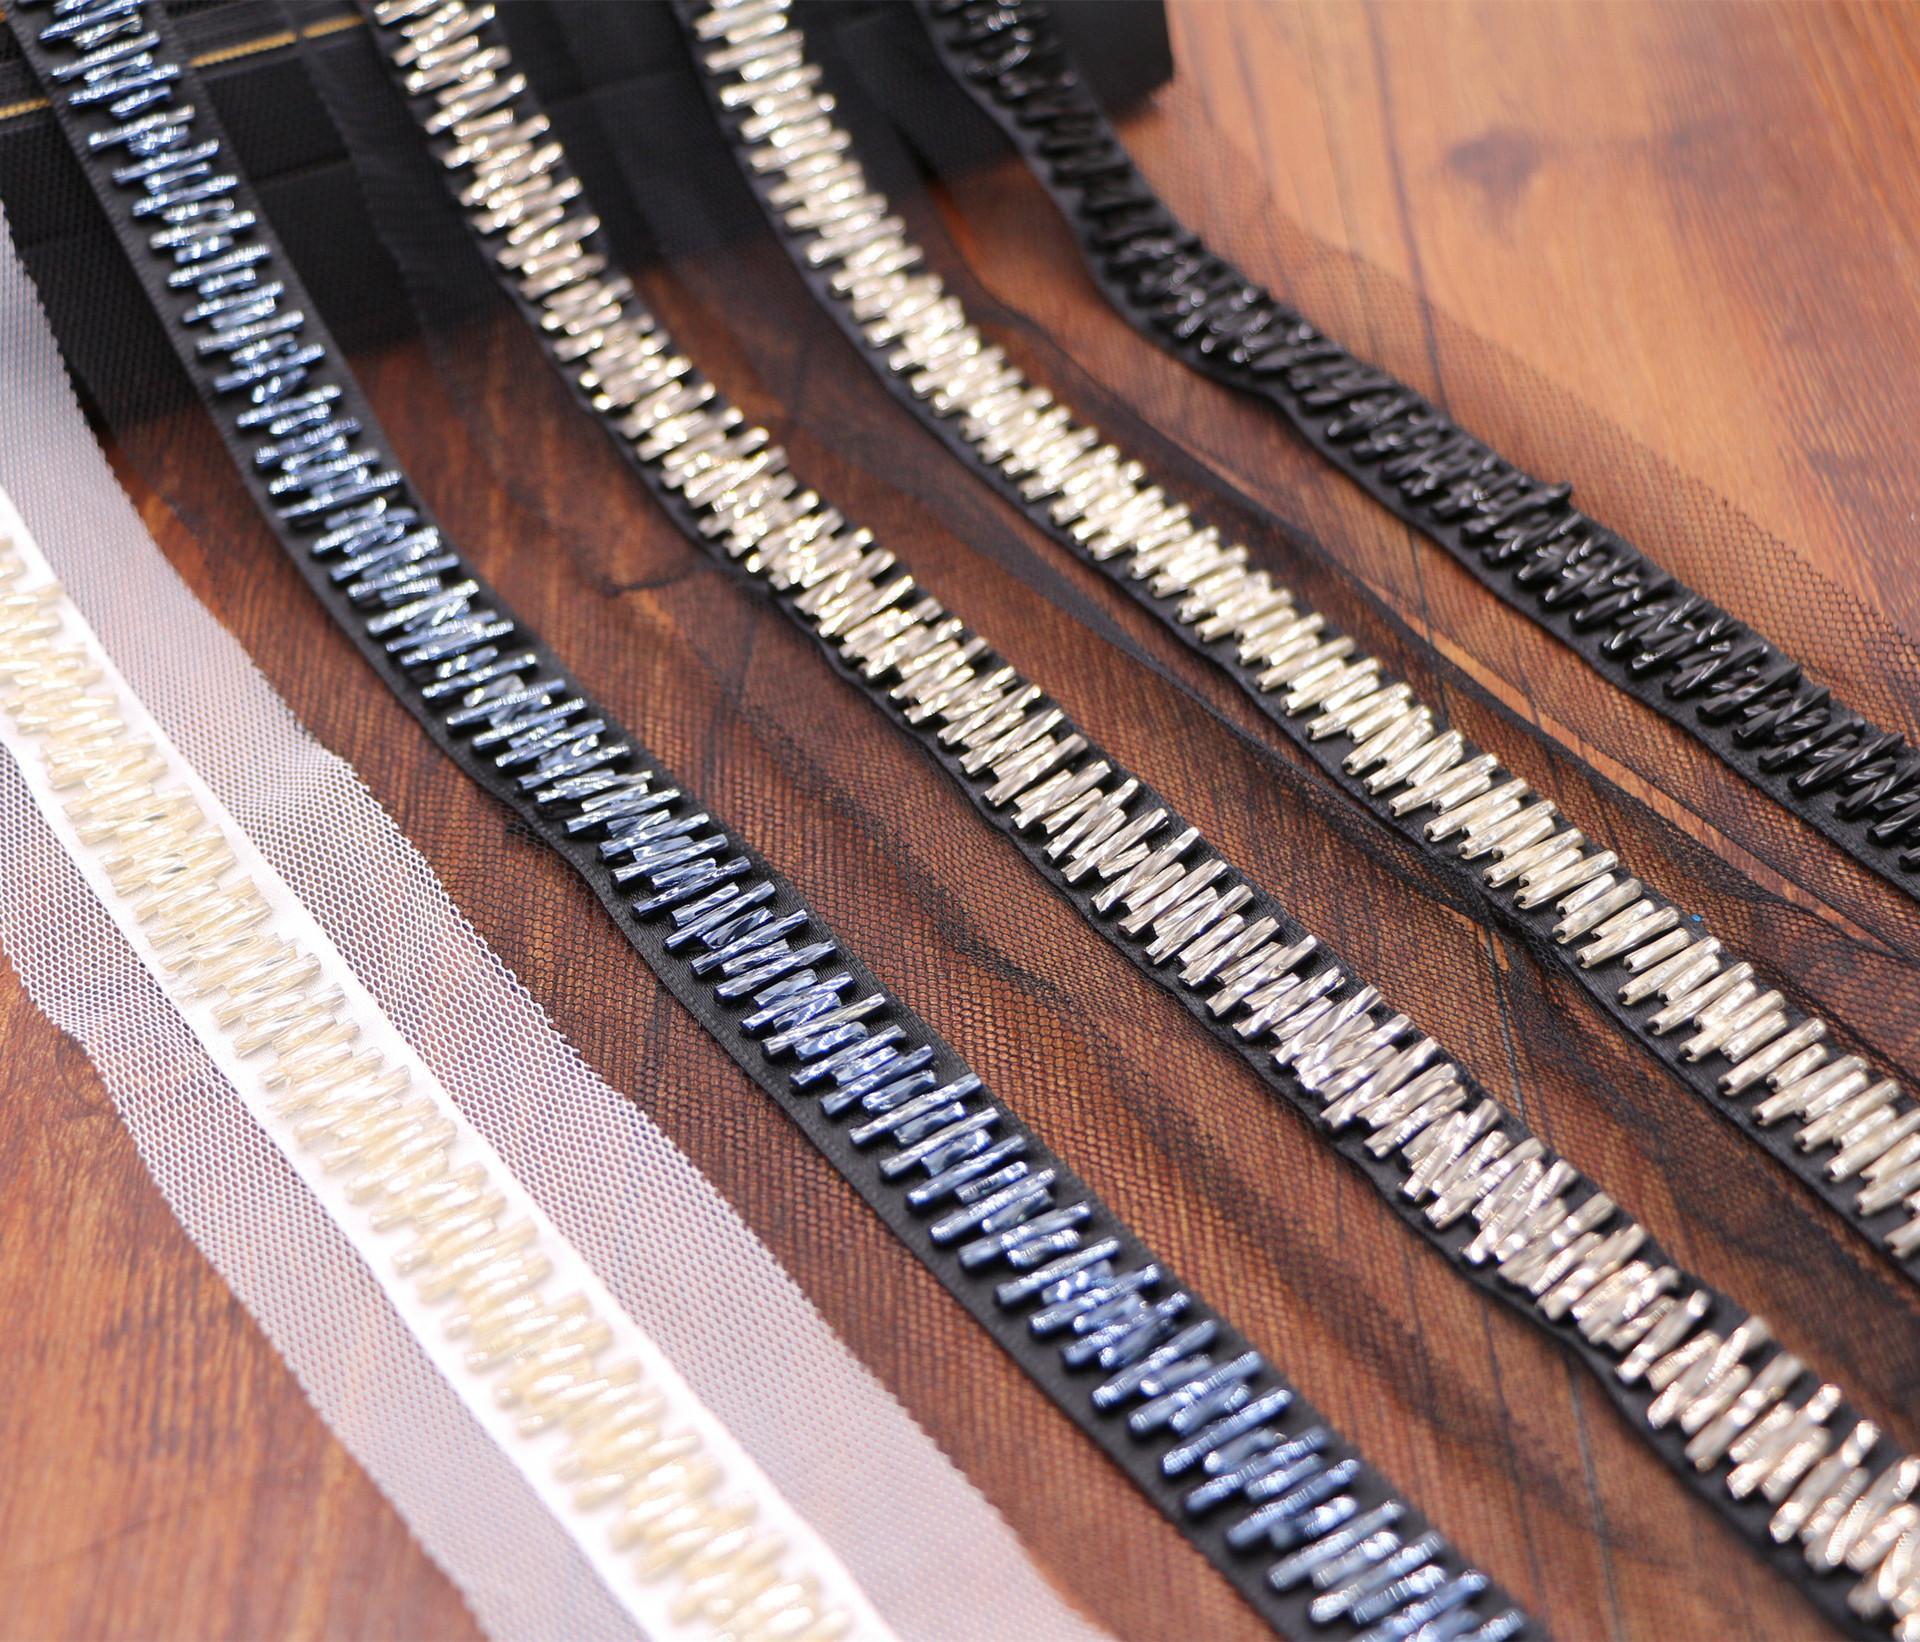 Tela decorativa vestido de novia de la cinta Pasamanería MeeTee perla de cuentas de encaje de ajustes del acoplamiento del cordón del cuello de encaje apliques DIY Crafts RC105